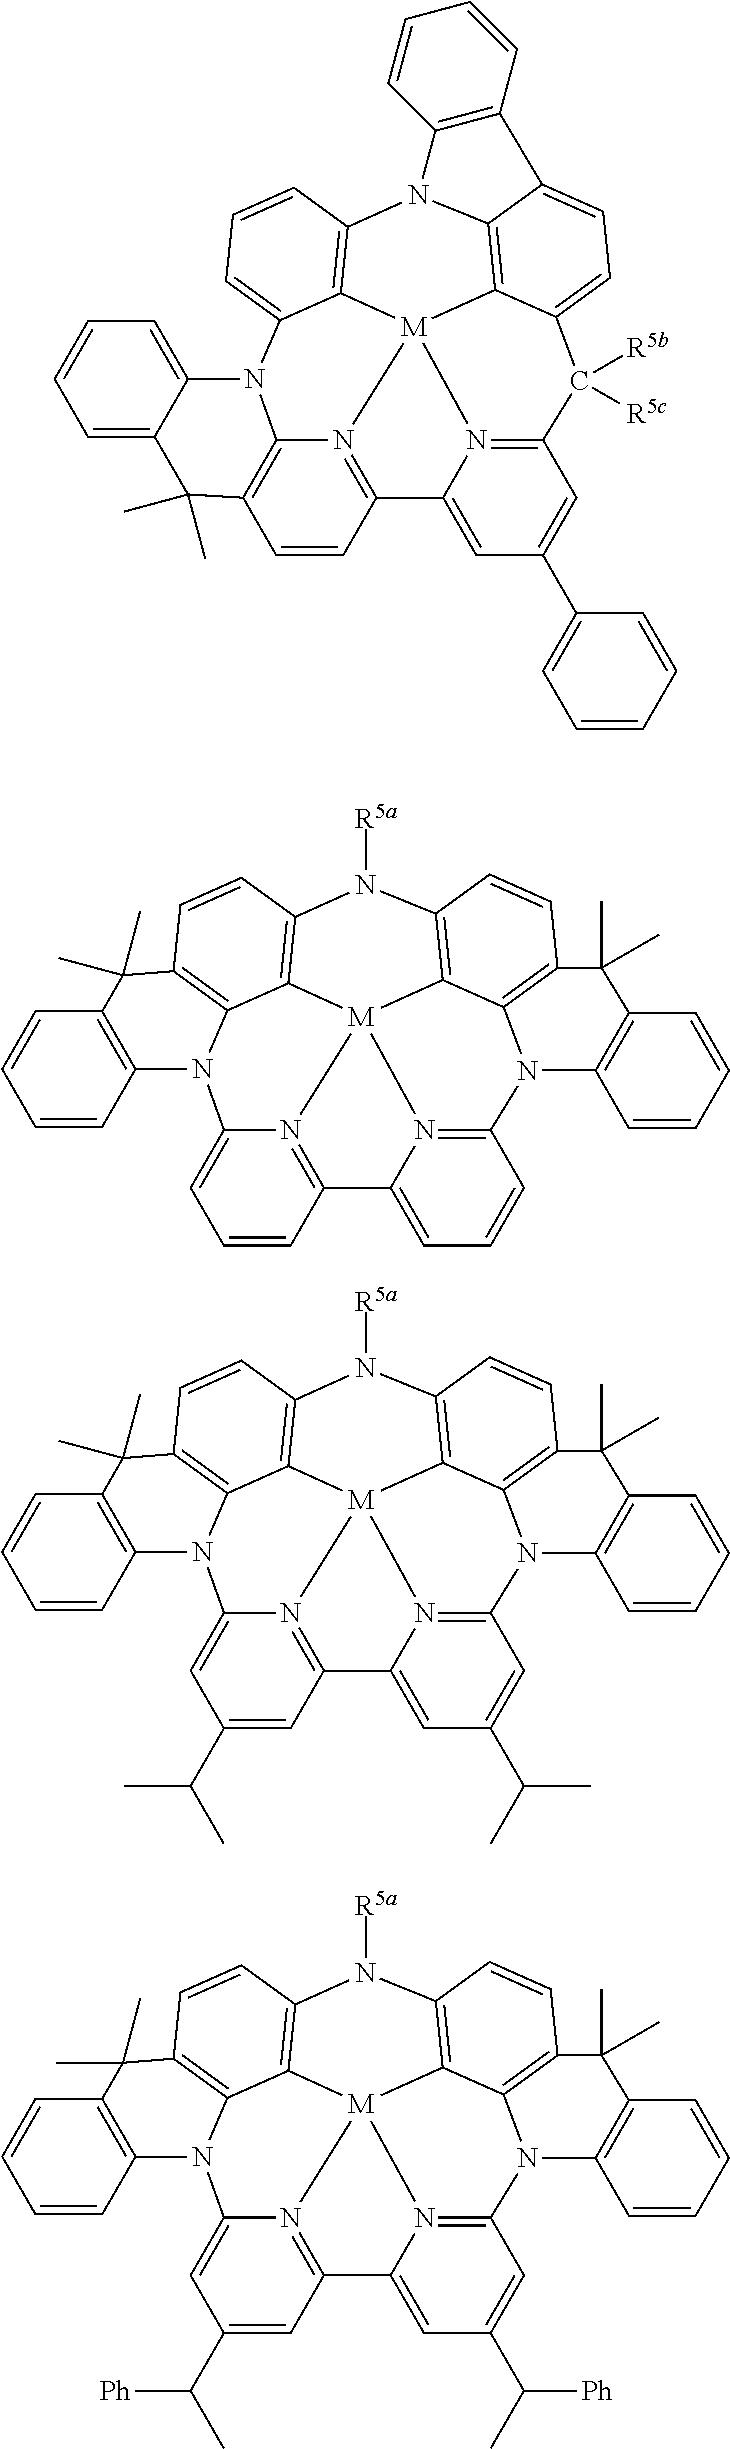 Figure US10158091-20181218-C00182